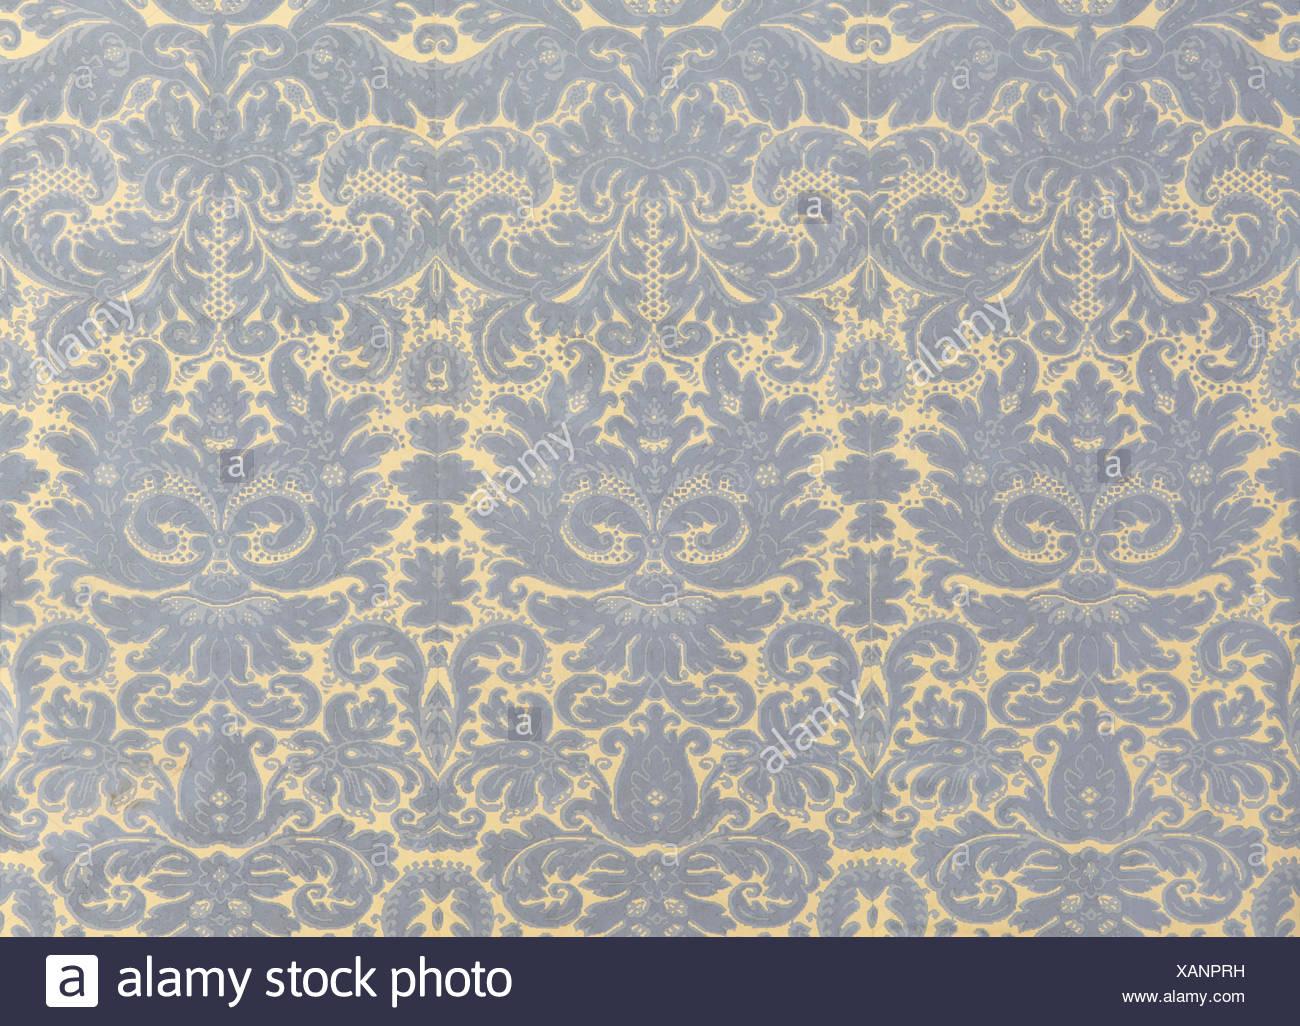 alte tapete mit grauen goldenen barocken muster als hintergrund